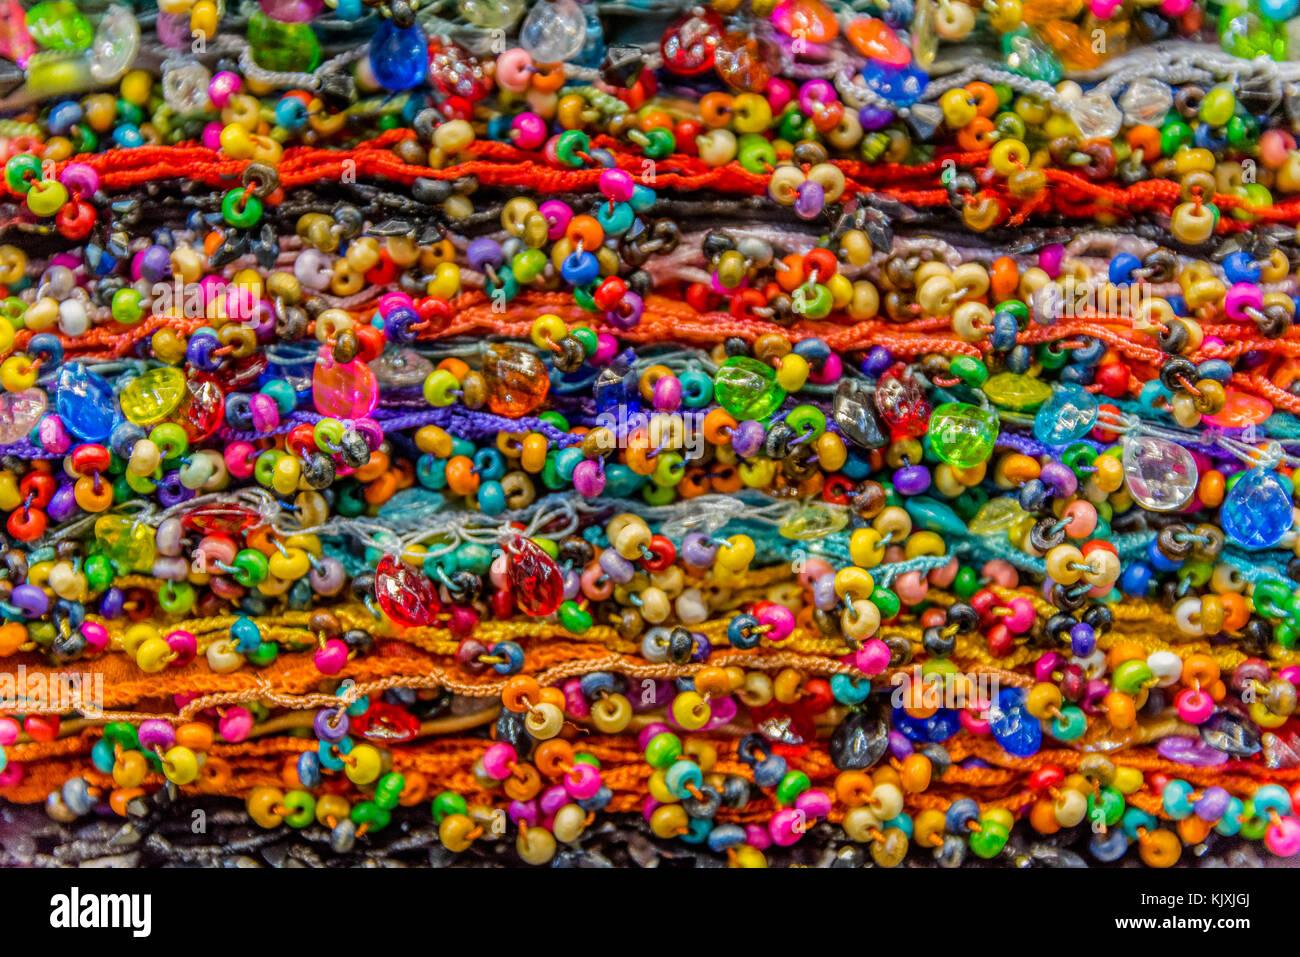 47b7c3628338 En soie colorés traditionnels ,chef des foulards ou des châles cachemire et  tissus composé d